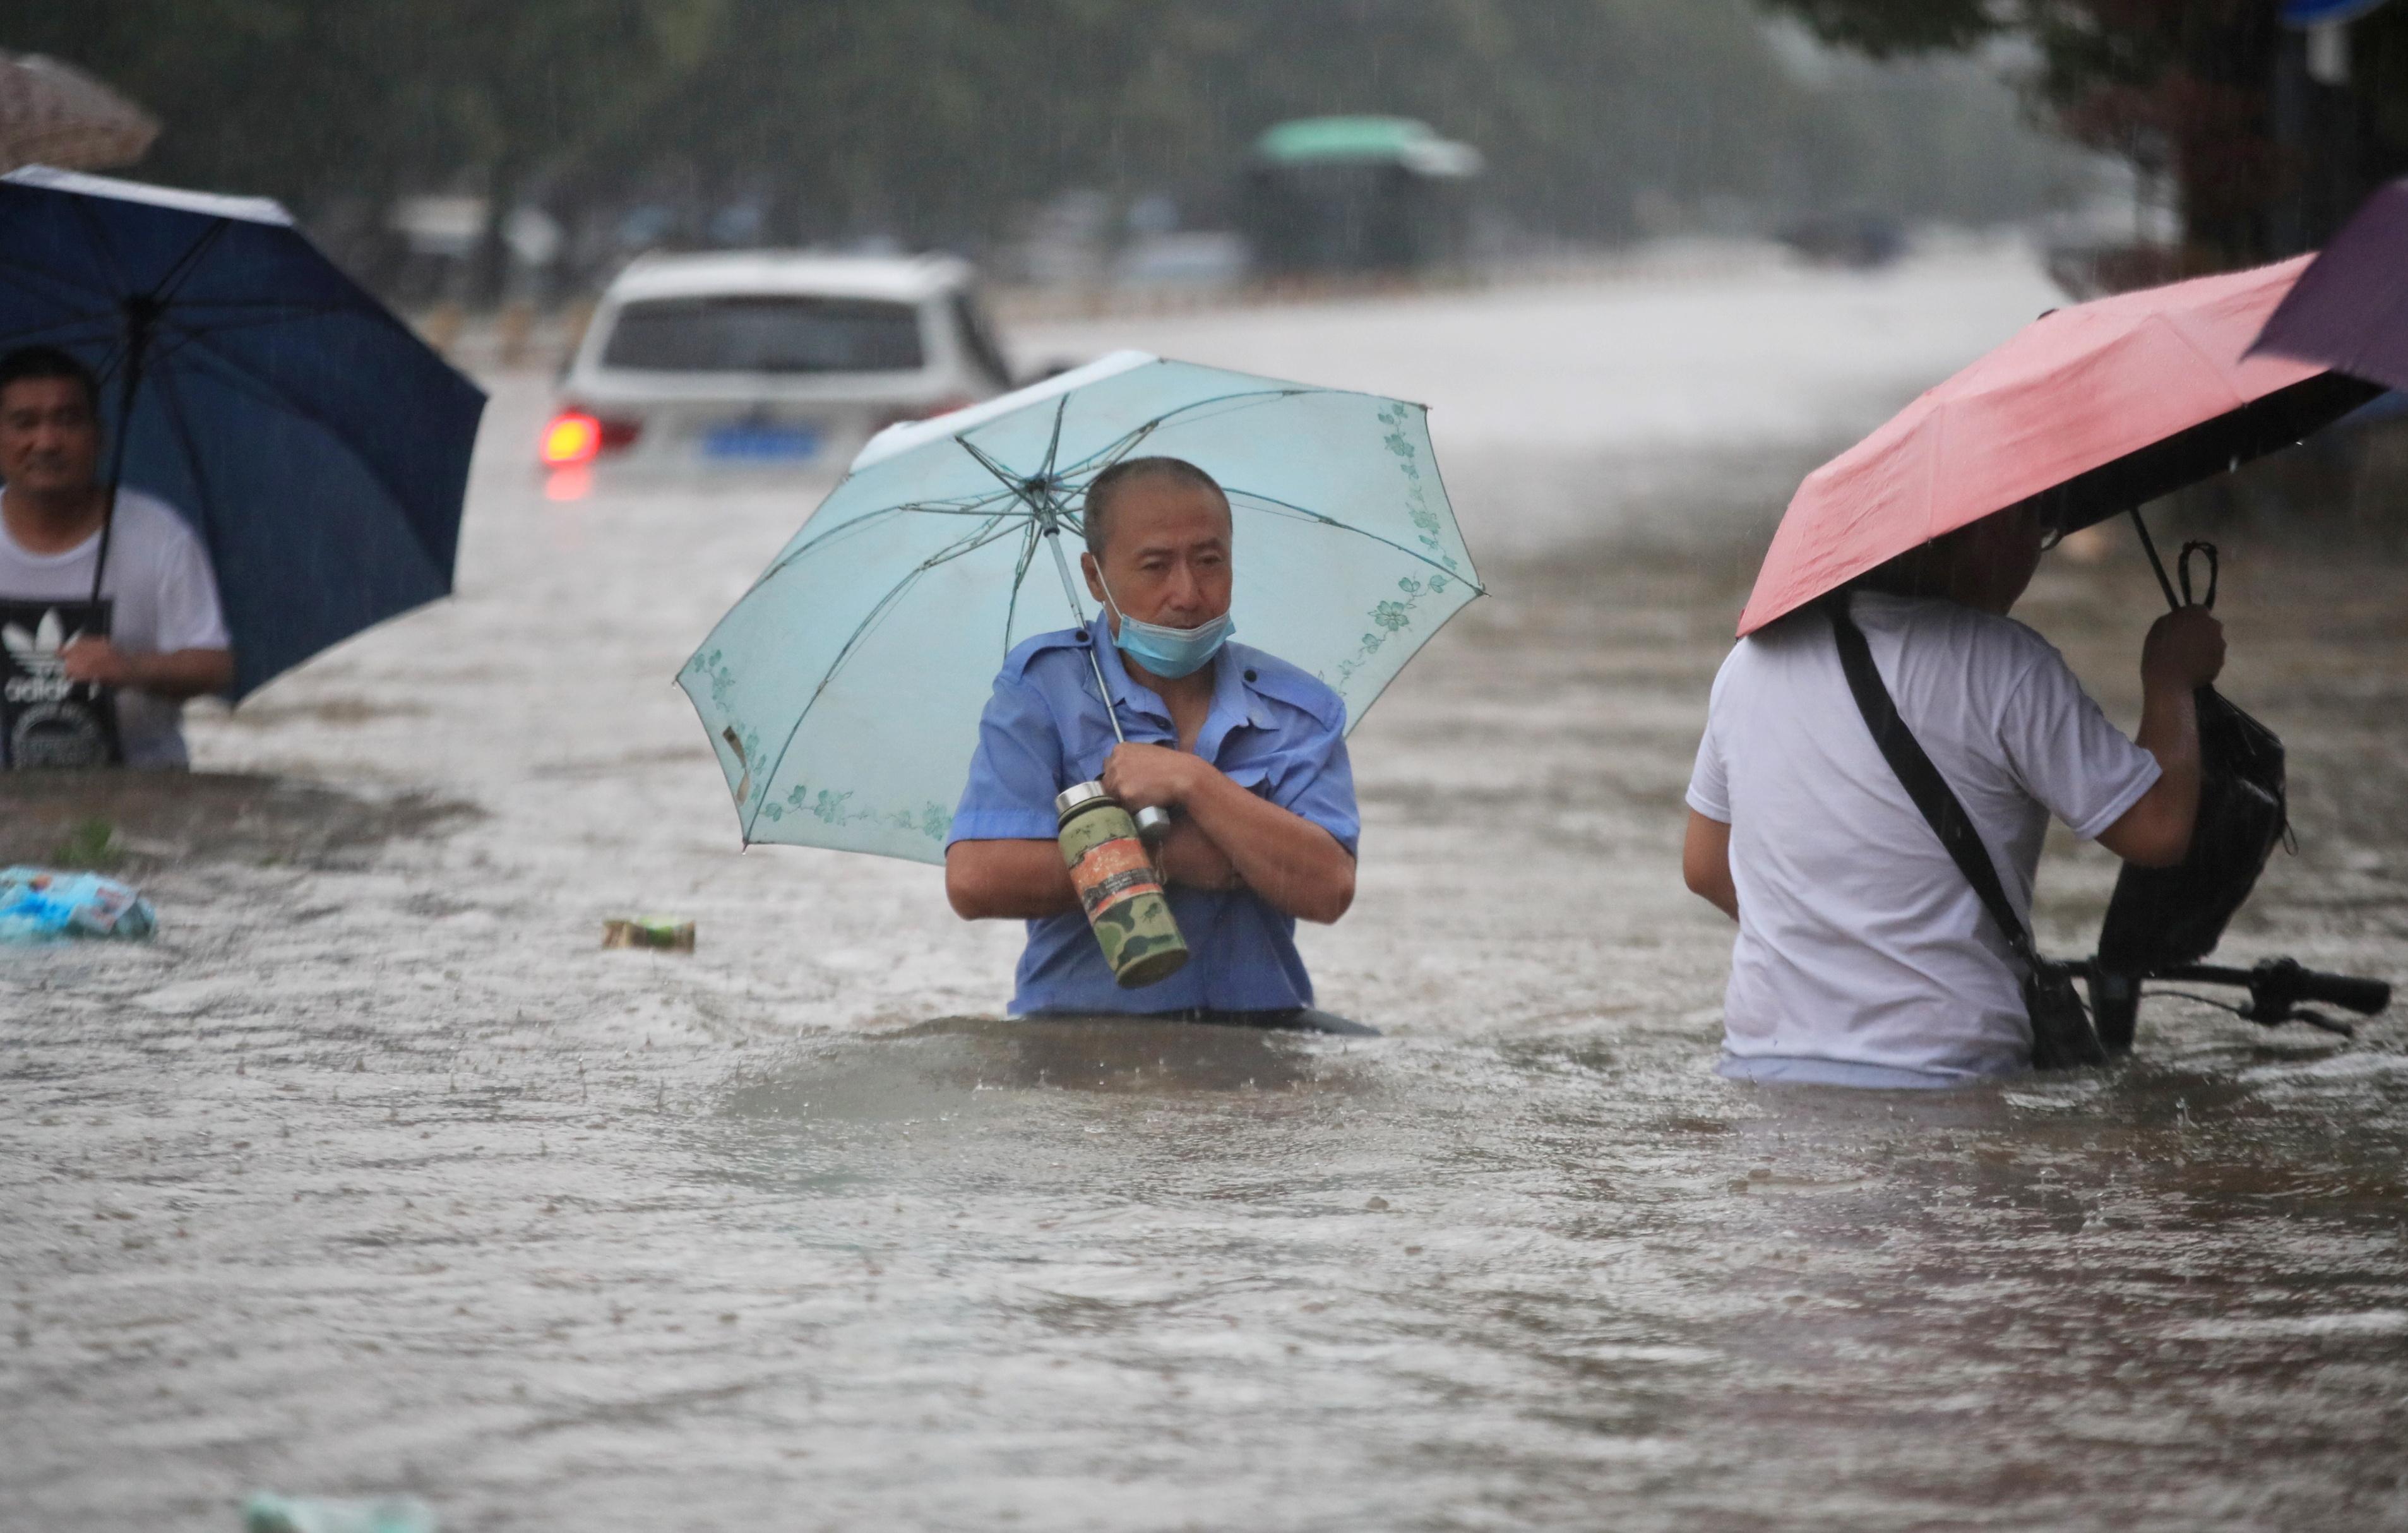 عشرات القتلى بسبب الفيضانات والحصيلة مرشحة للارتفاع